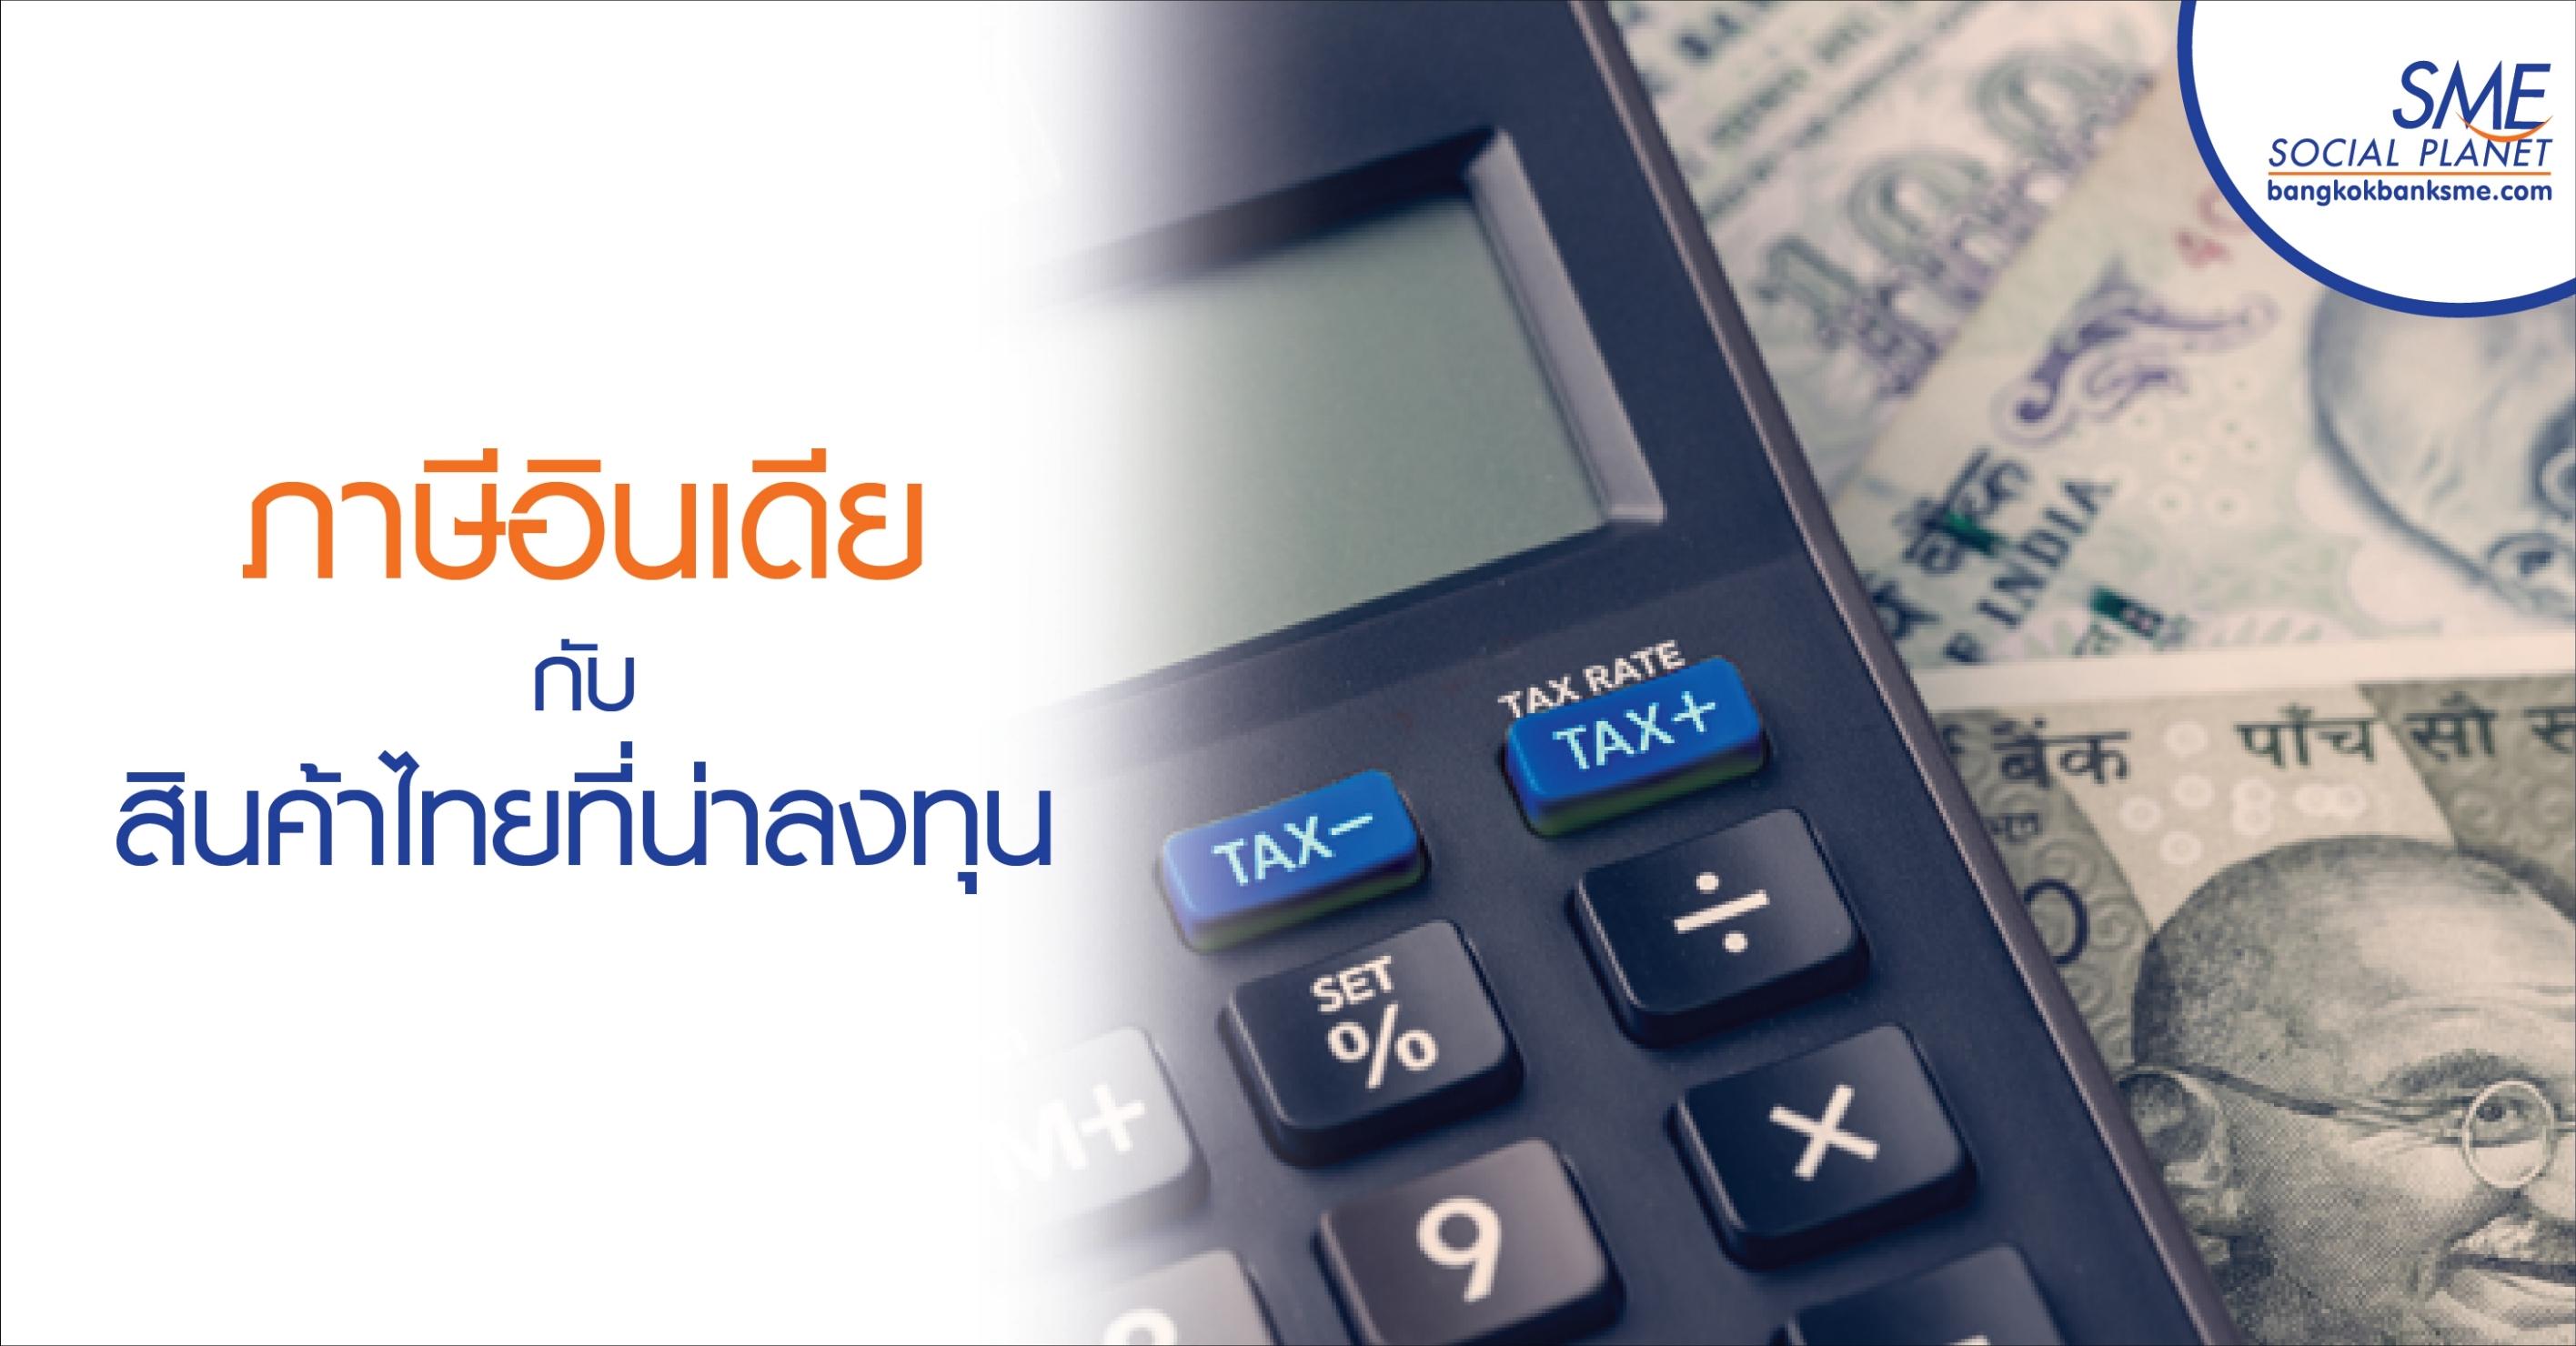 ภาษีอินเดียกับสินค้าไทยที่น่าลงทุน